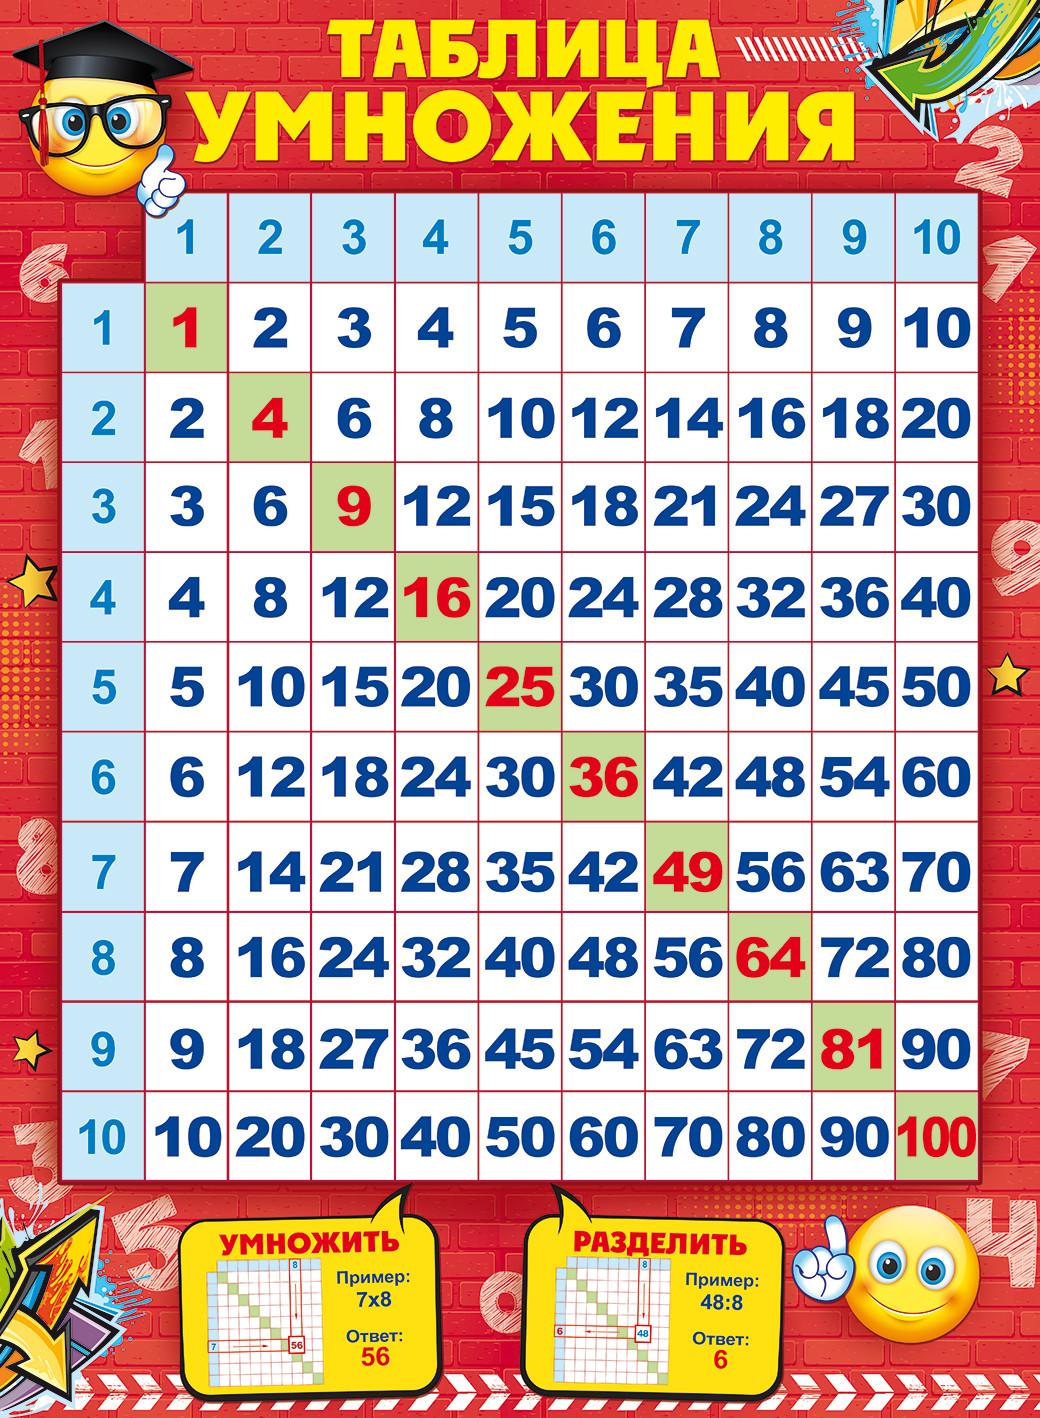 Плакат Таблица умножения А2 вертик смайлы красный